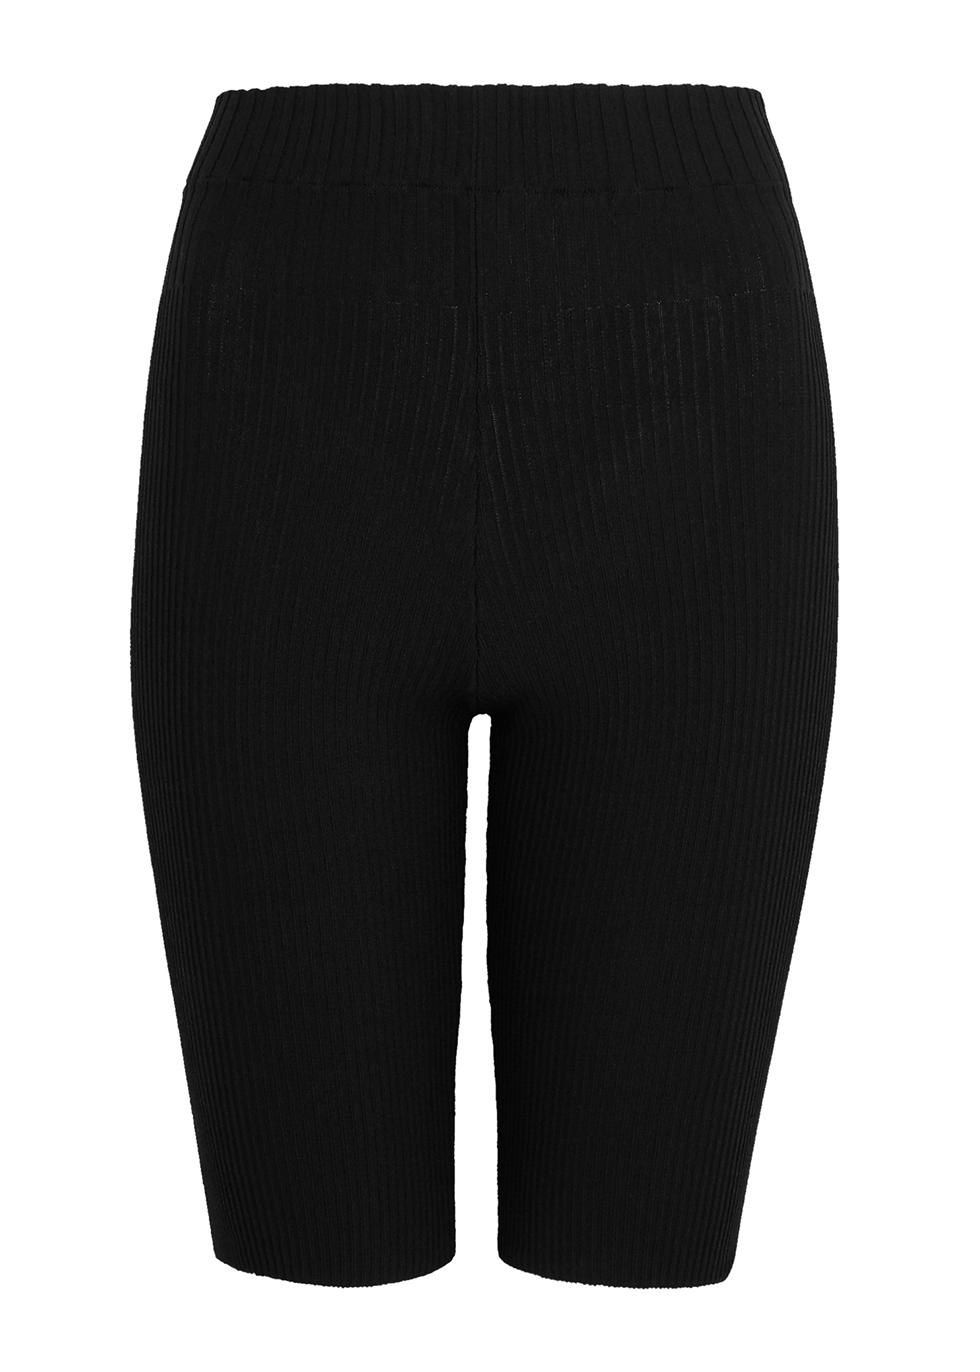 Black ribbed-knit shorts